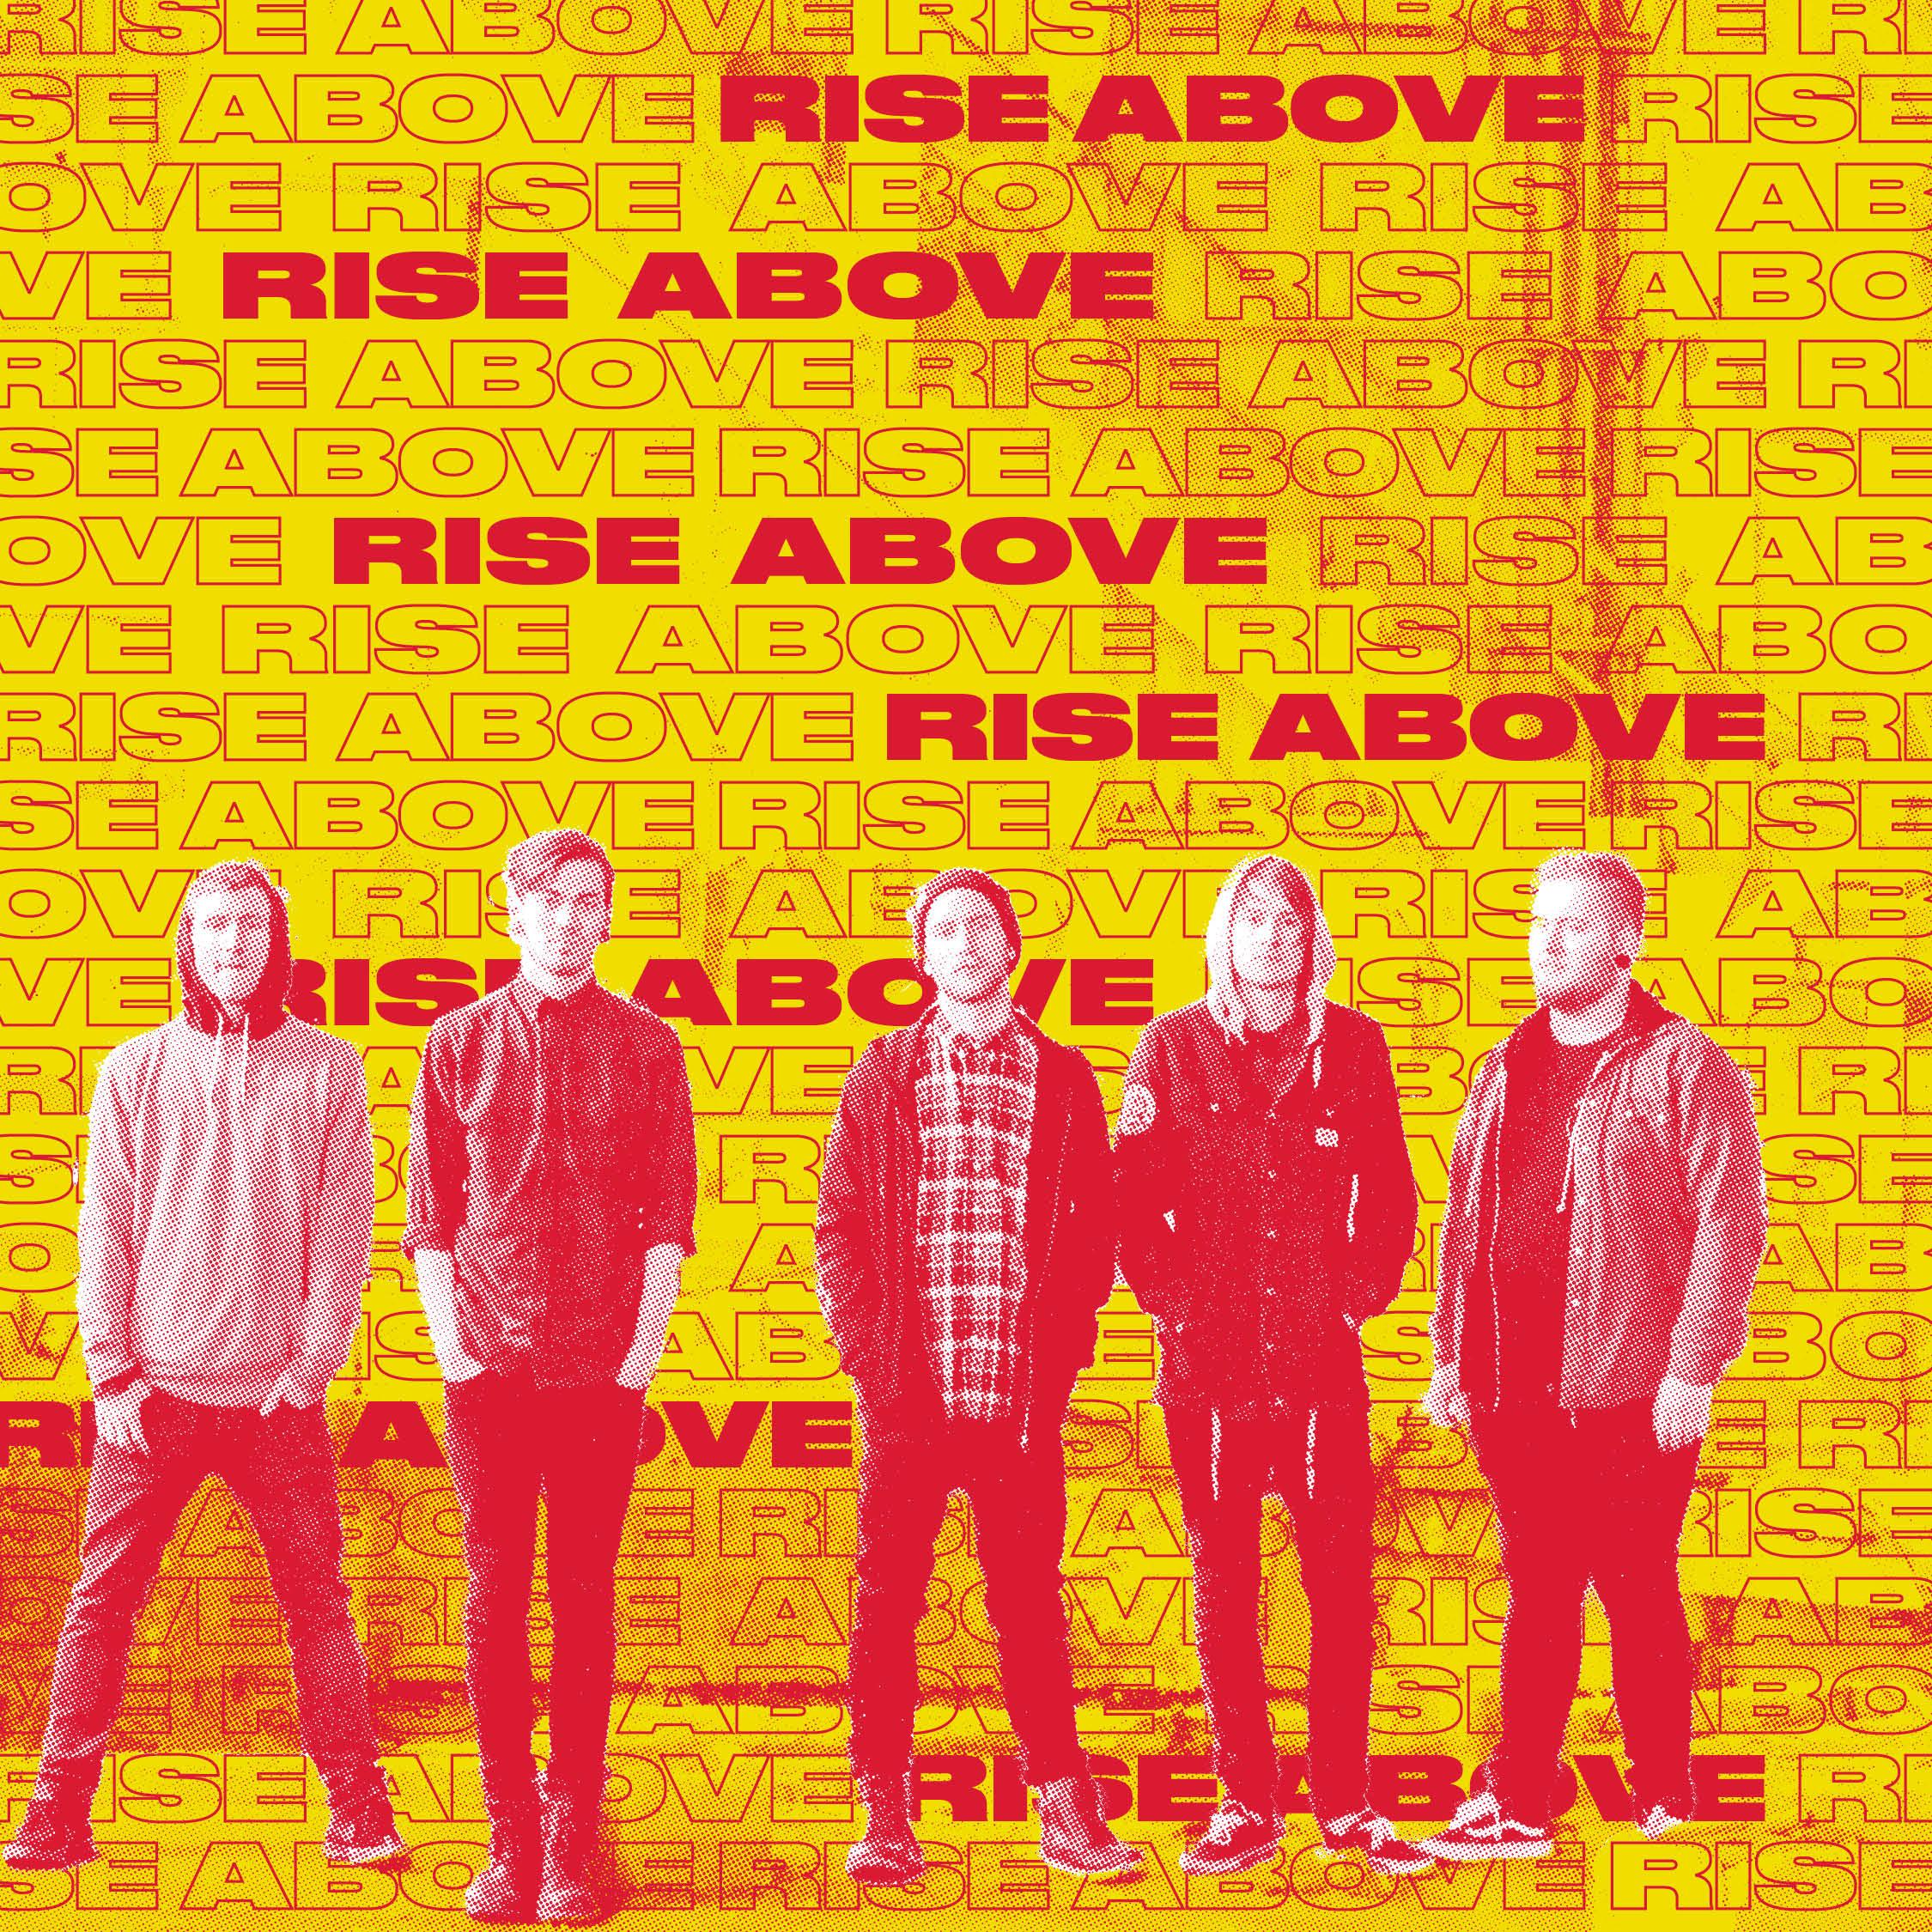 RISE ABOVE er fem gutter fra Agder som tøyer grensene innen hardcore punk. Bandet beskrives som et «et forfriskende adrenalinrush fra start til slutt», «kompromissløst og rett i trynet» og «forbanna bra hardcore, enkelt og greit». Debut-EPen fikk mye positiv oppmerksomhet fra blant annet P3 Urørt og flere andre musikkjennere.